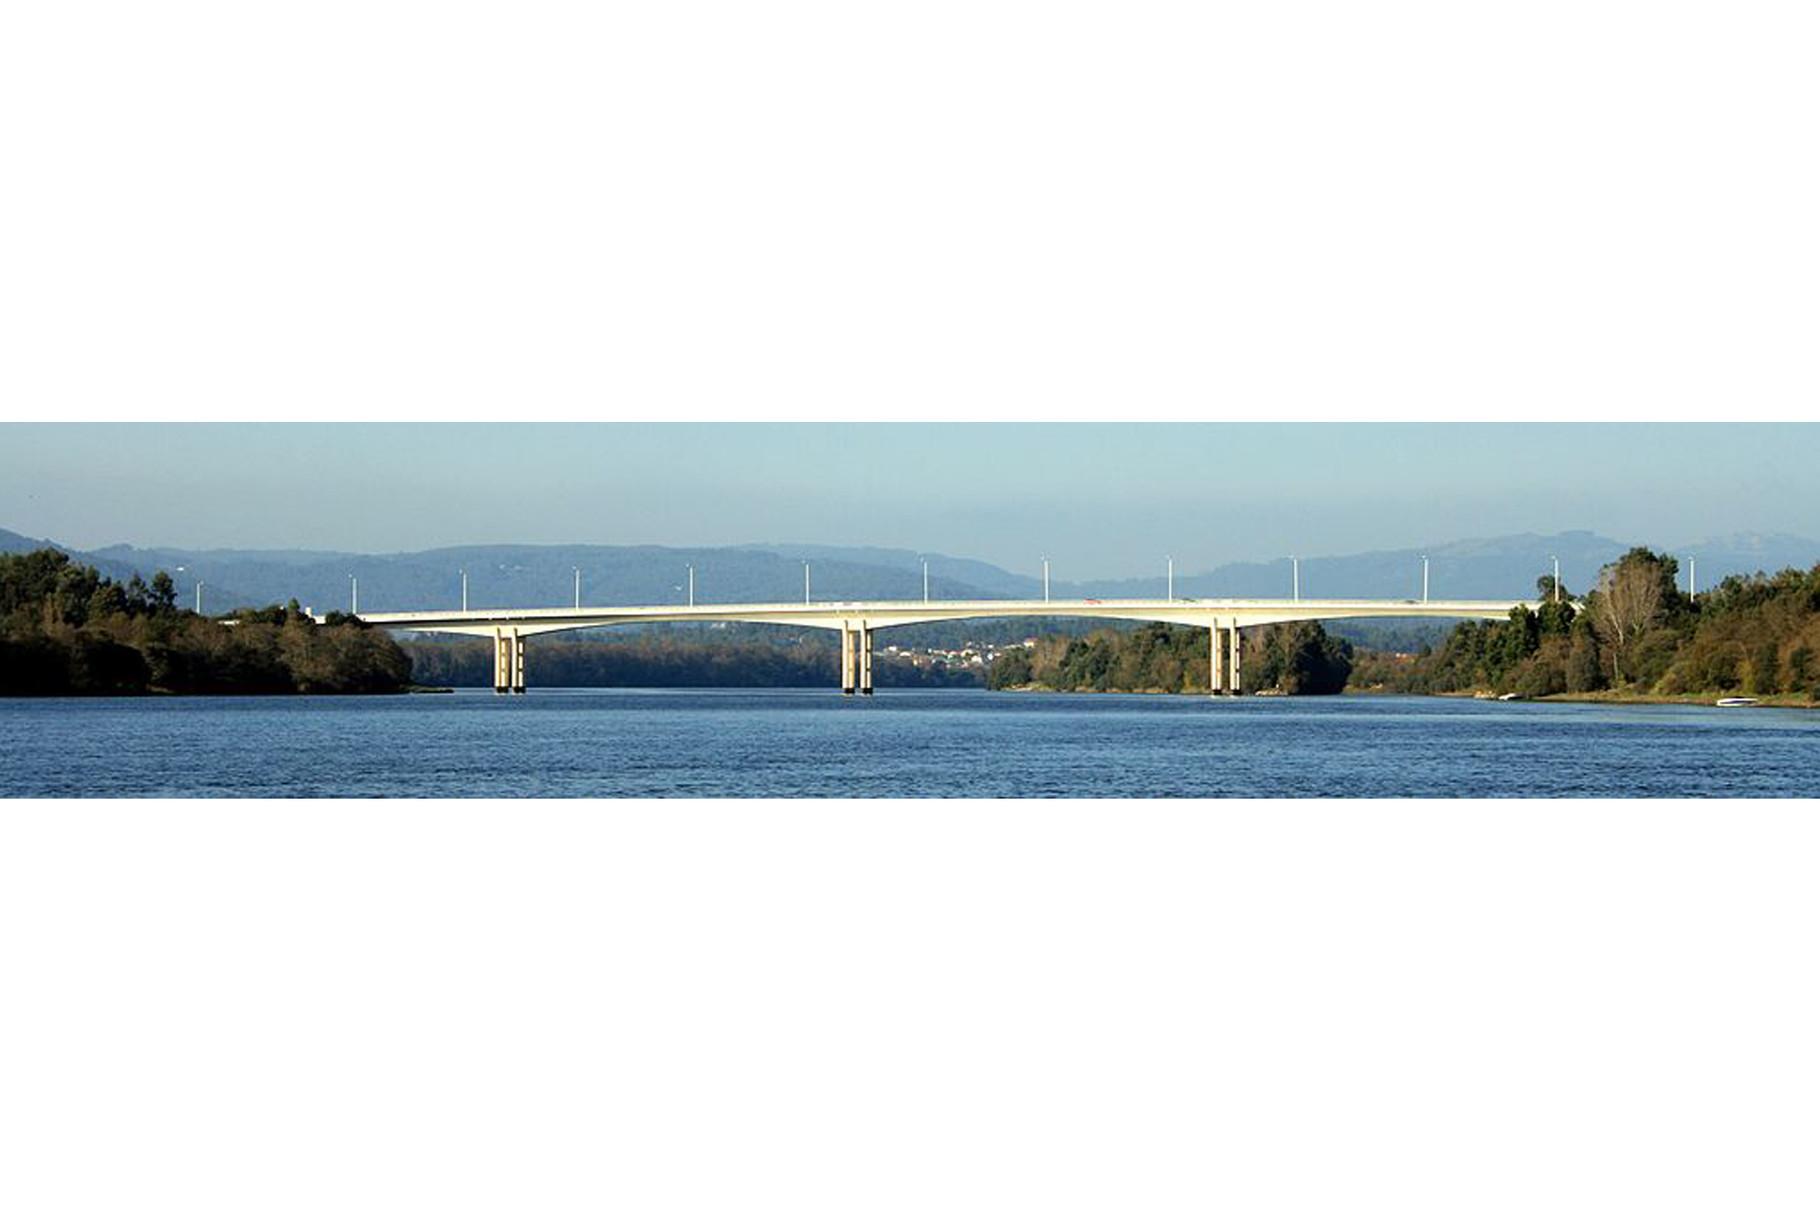 Vila Nova de Cerveira-Ponte internacional (a 6 km)